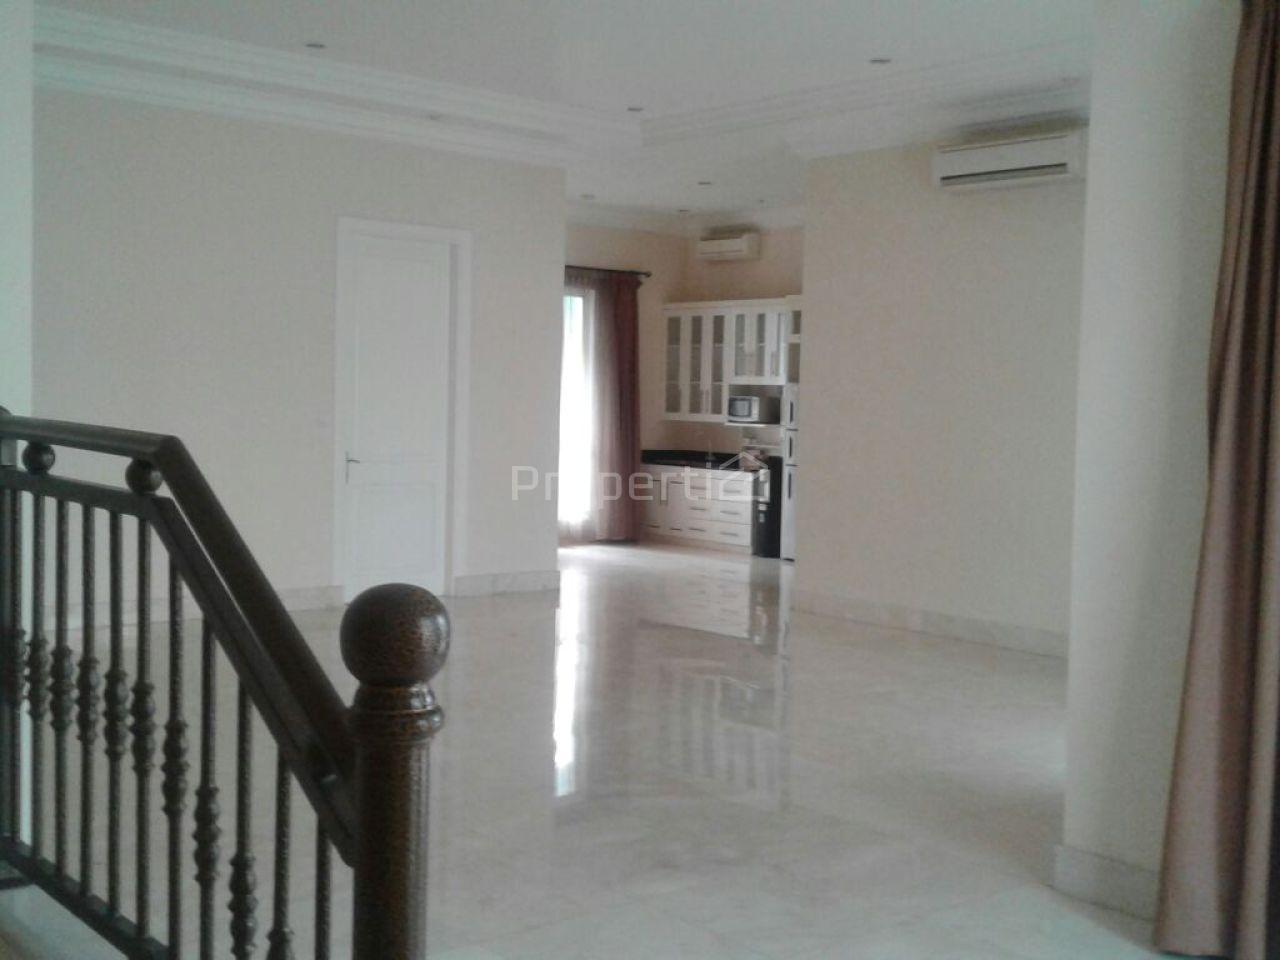 Rumah Mewah Klasik di Jalan Sriwijaya, Kebayoran Baru, DKI Jakarta